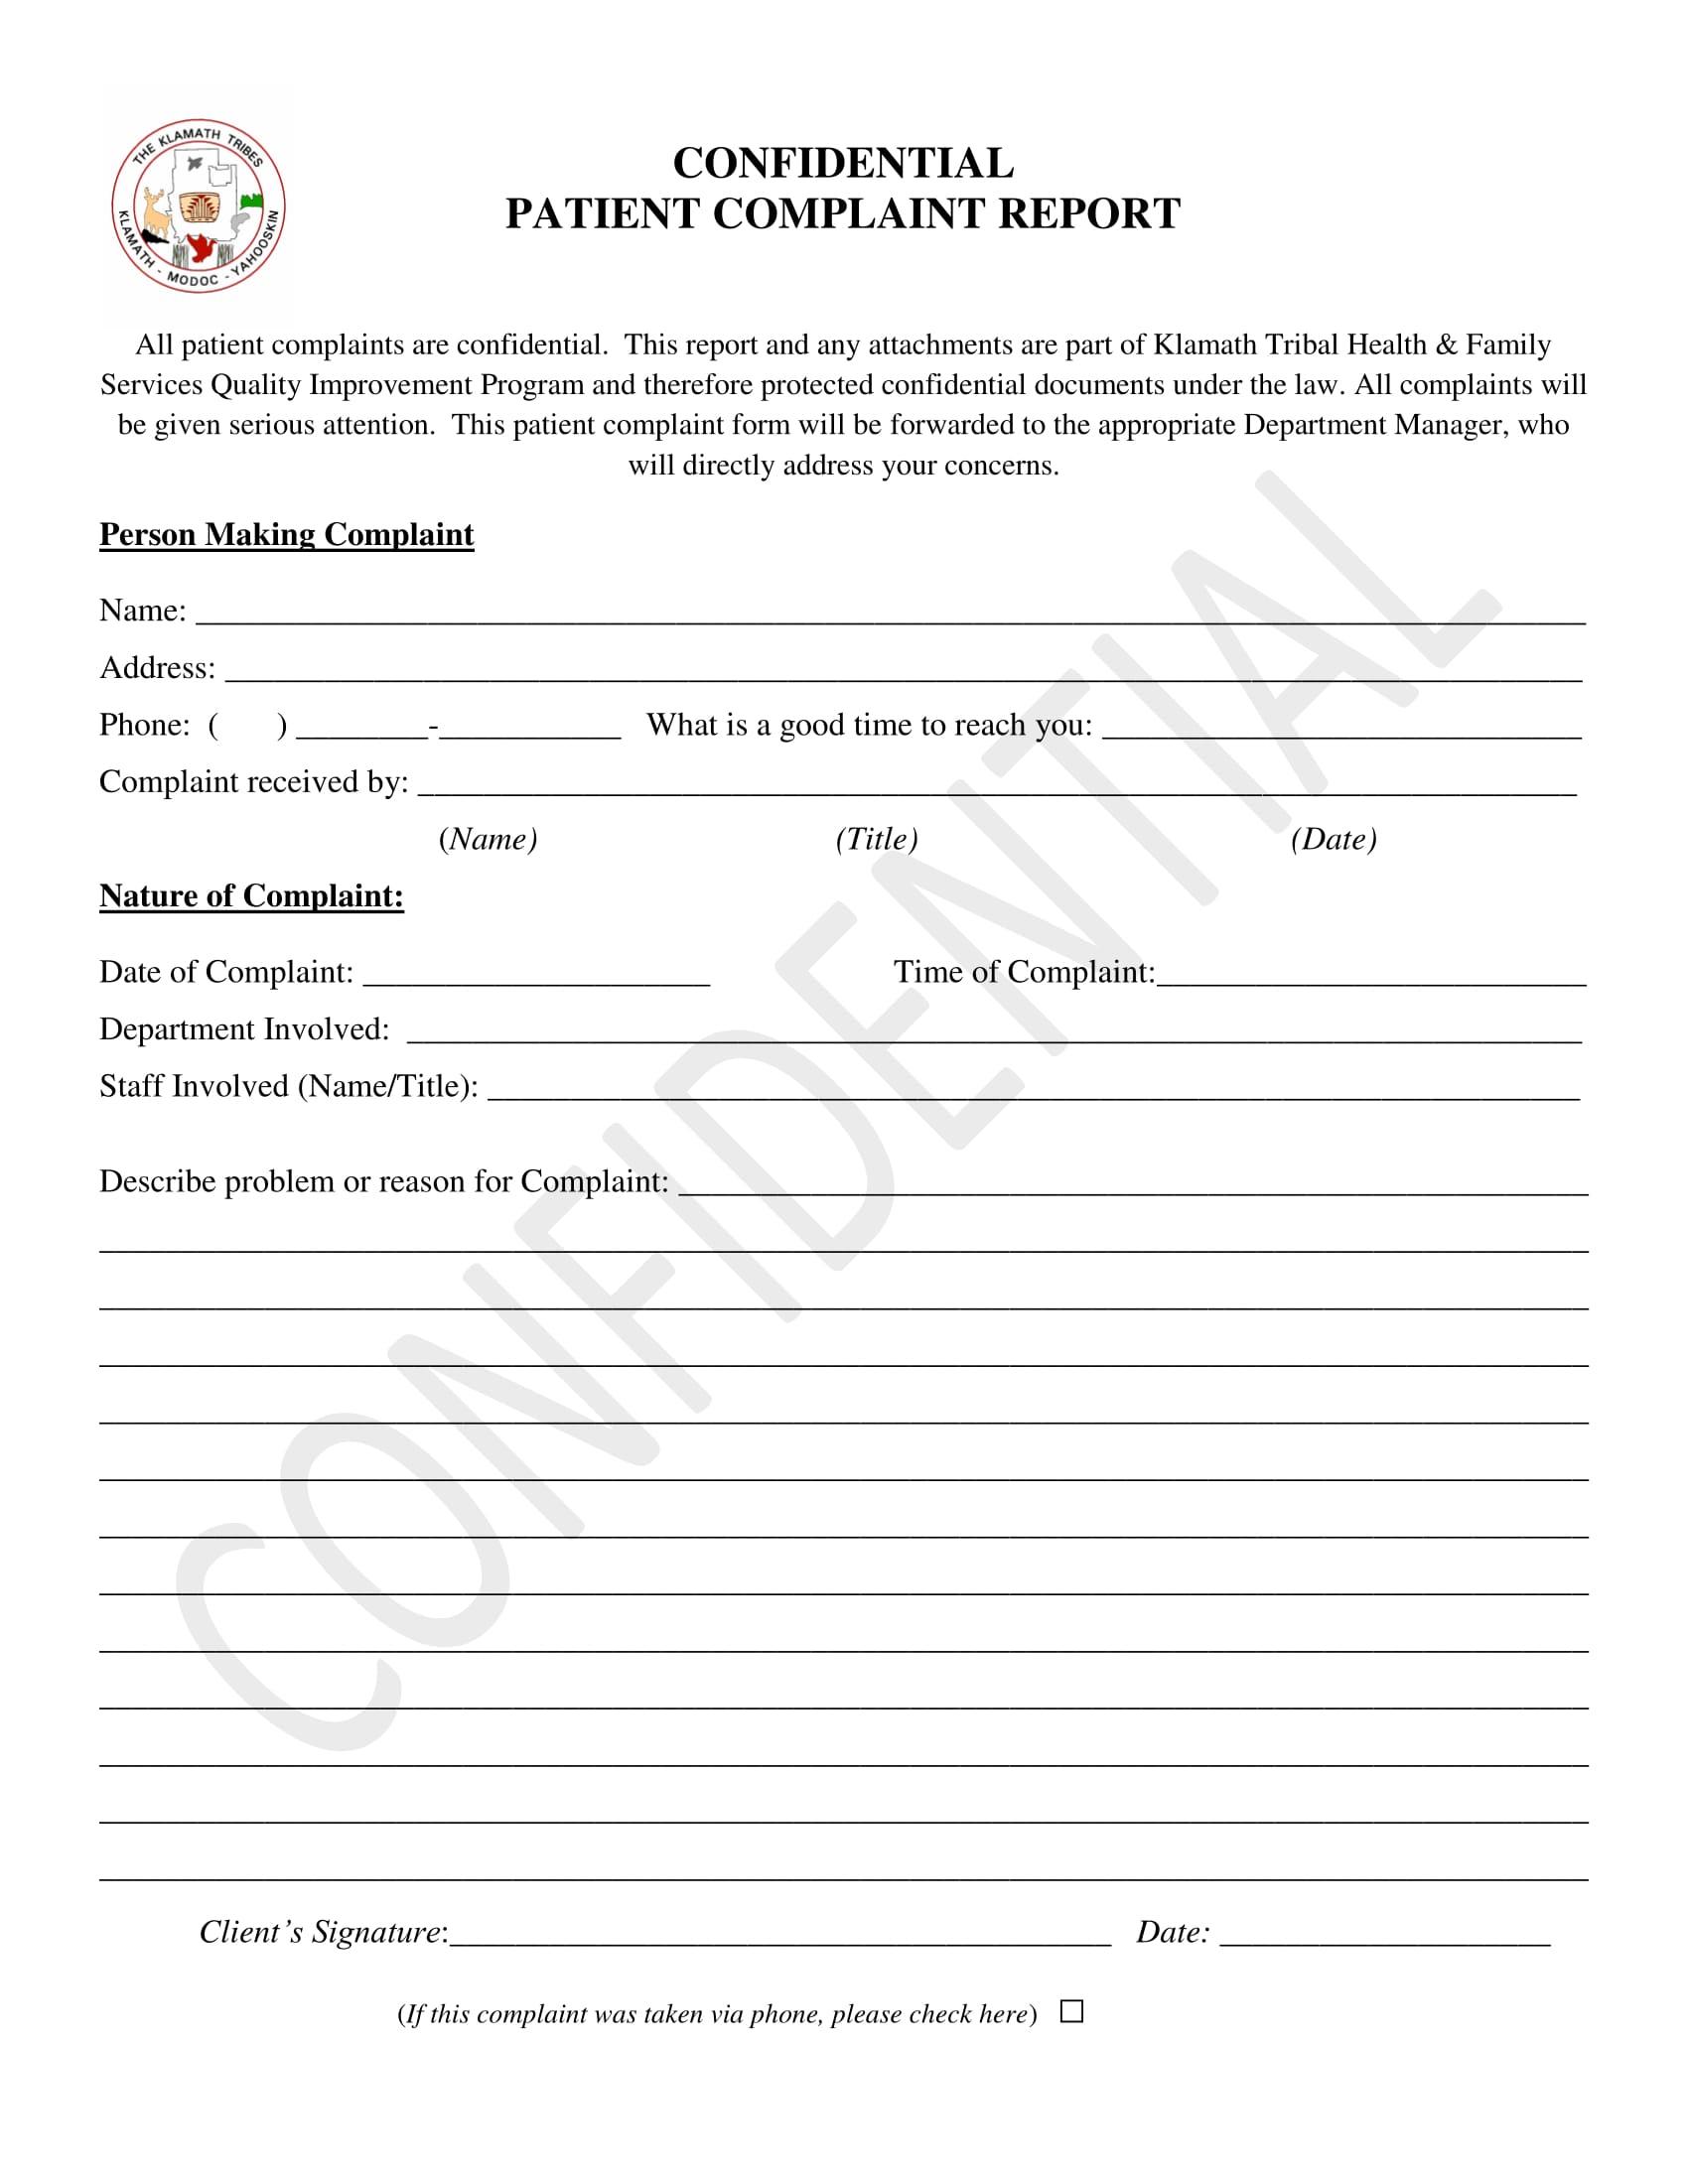 patient complaint report form 1